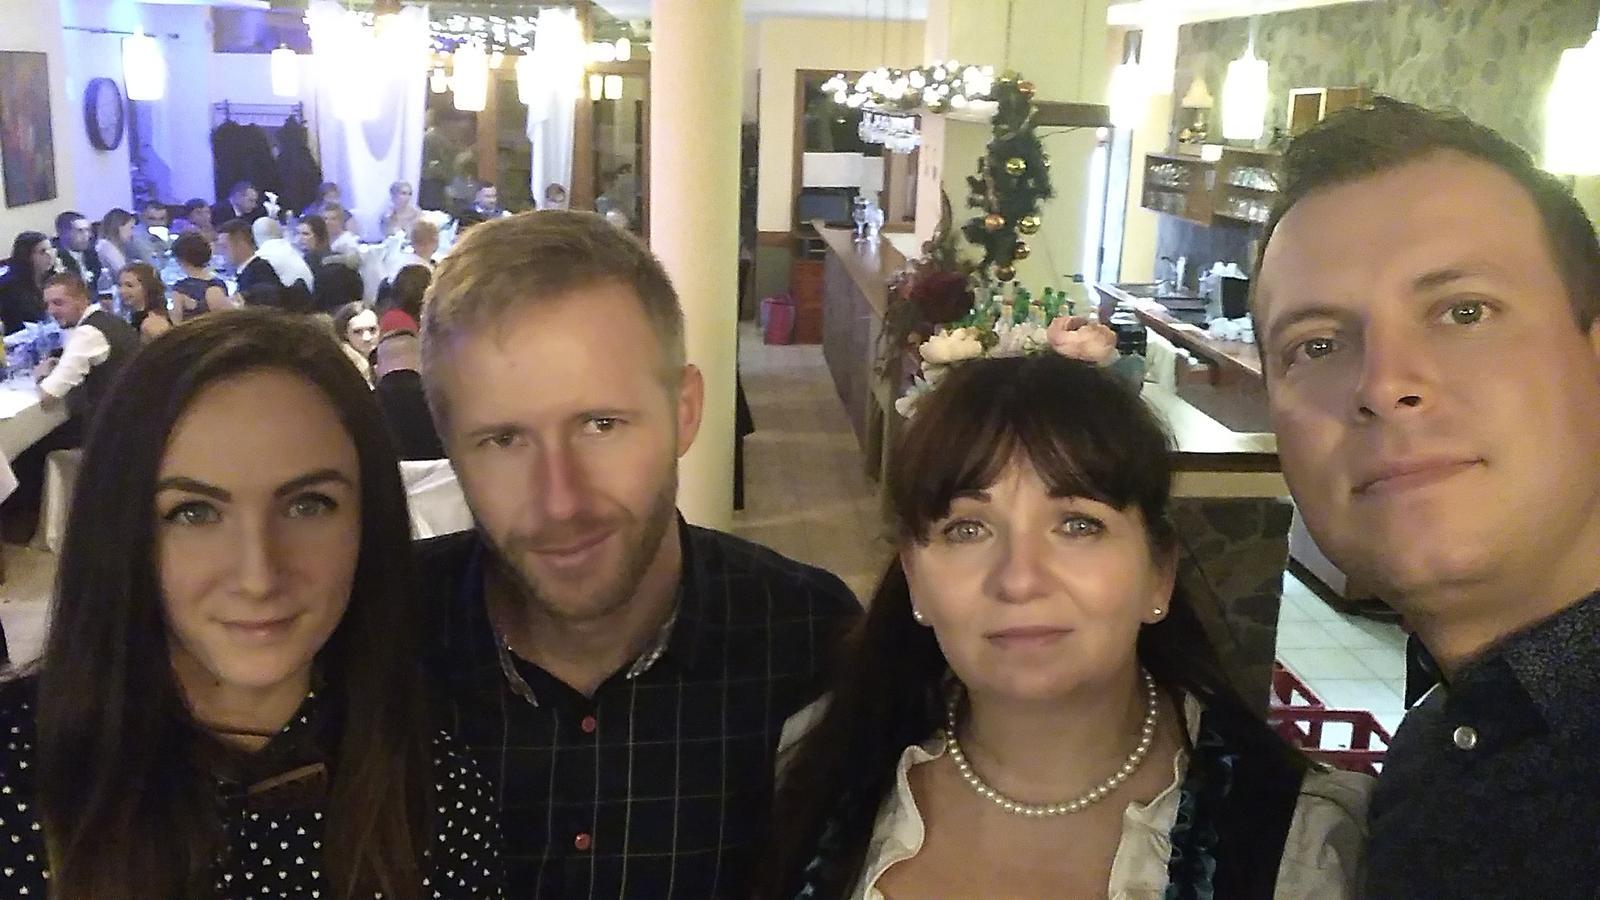 starejsiadarinka - Starešia so svojimi kolegami s Mariankom a sTimikou - kameramani a s fotografom s Lackom